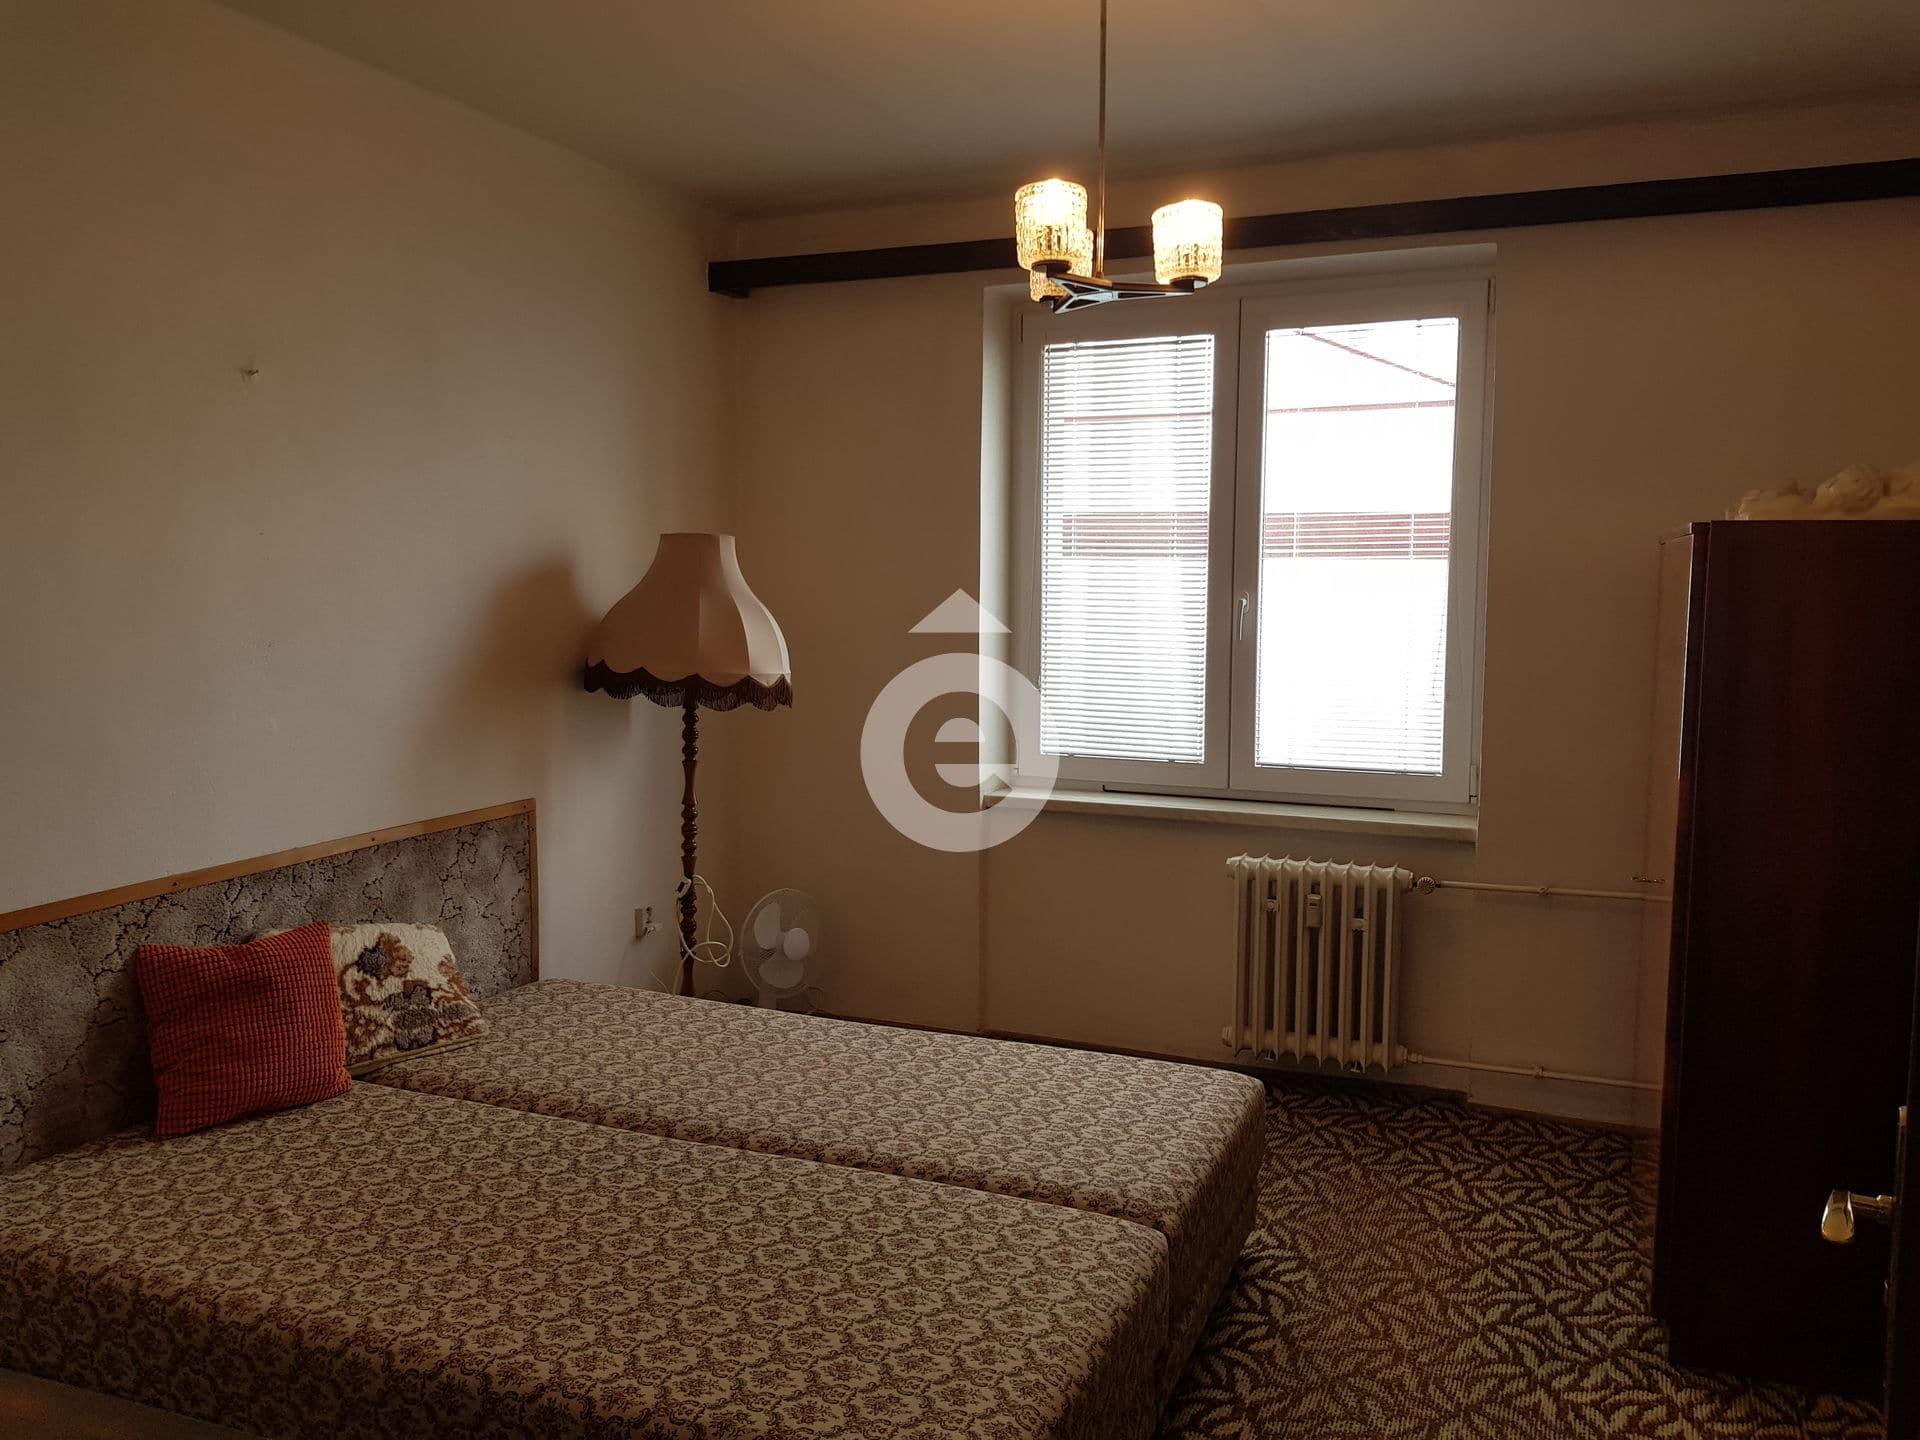 למכירה דירת 2+1 בגודל 48 מר בפראג 14 (6)